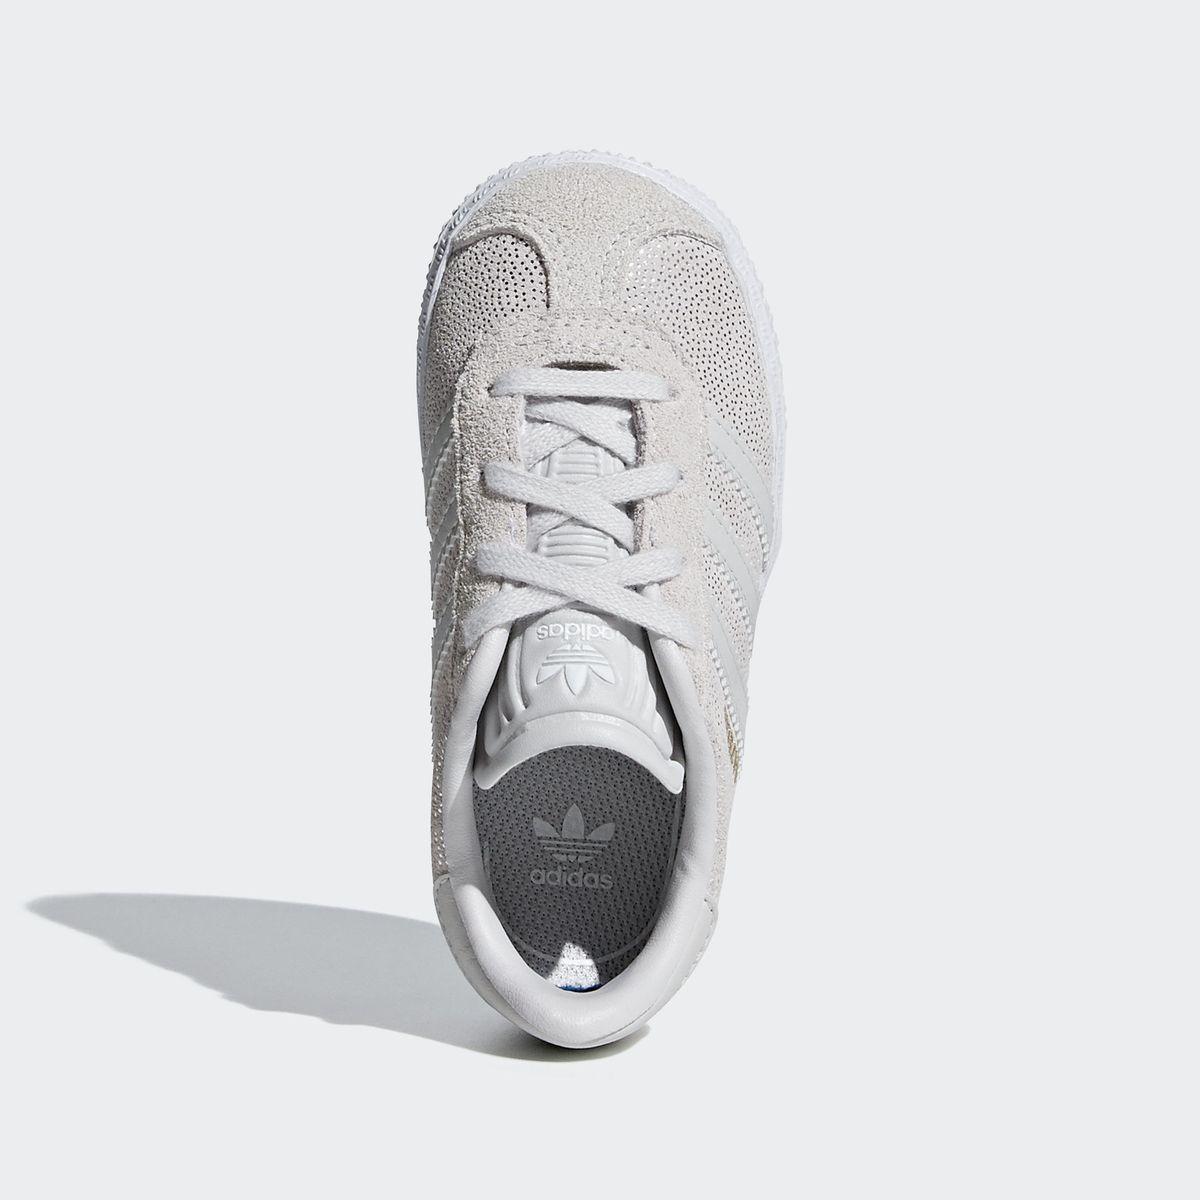 adidas gazelle taille 24